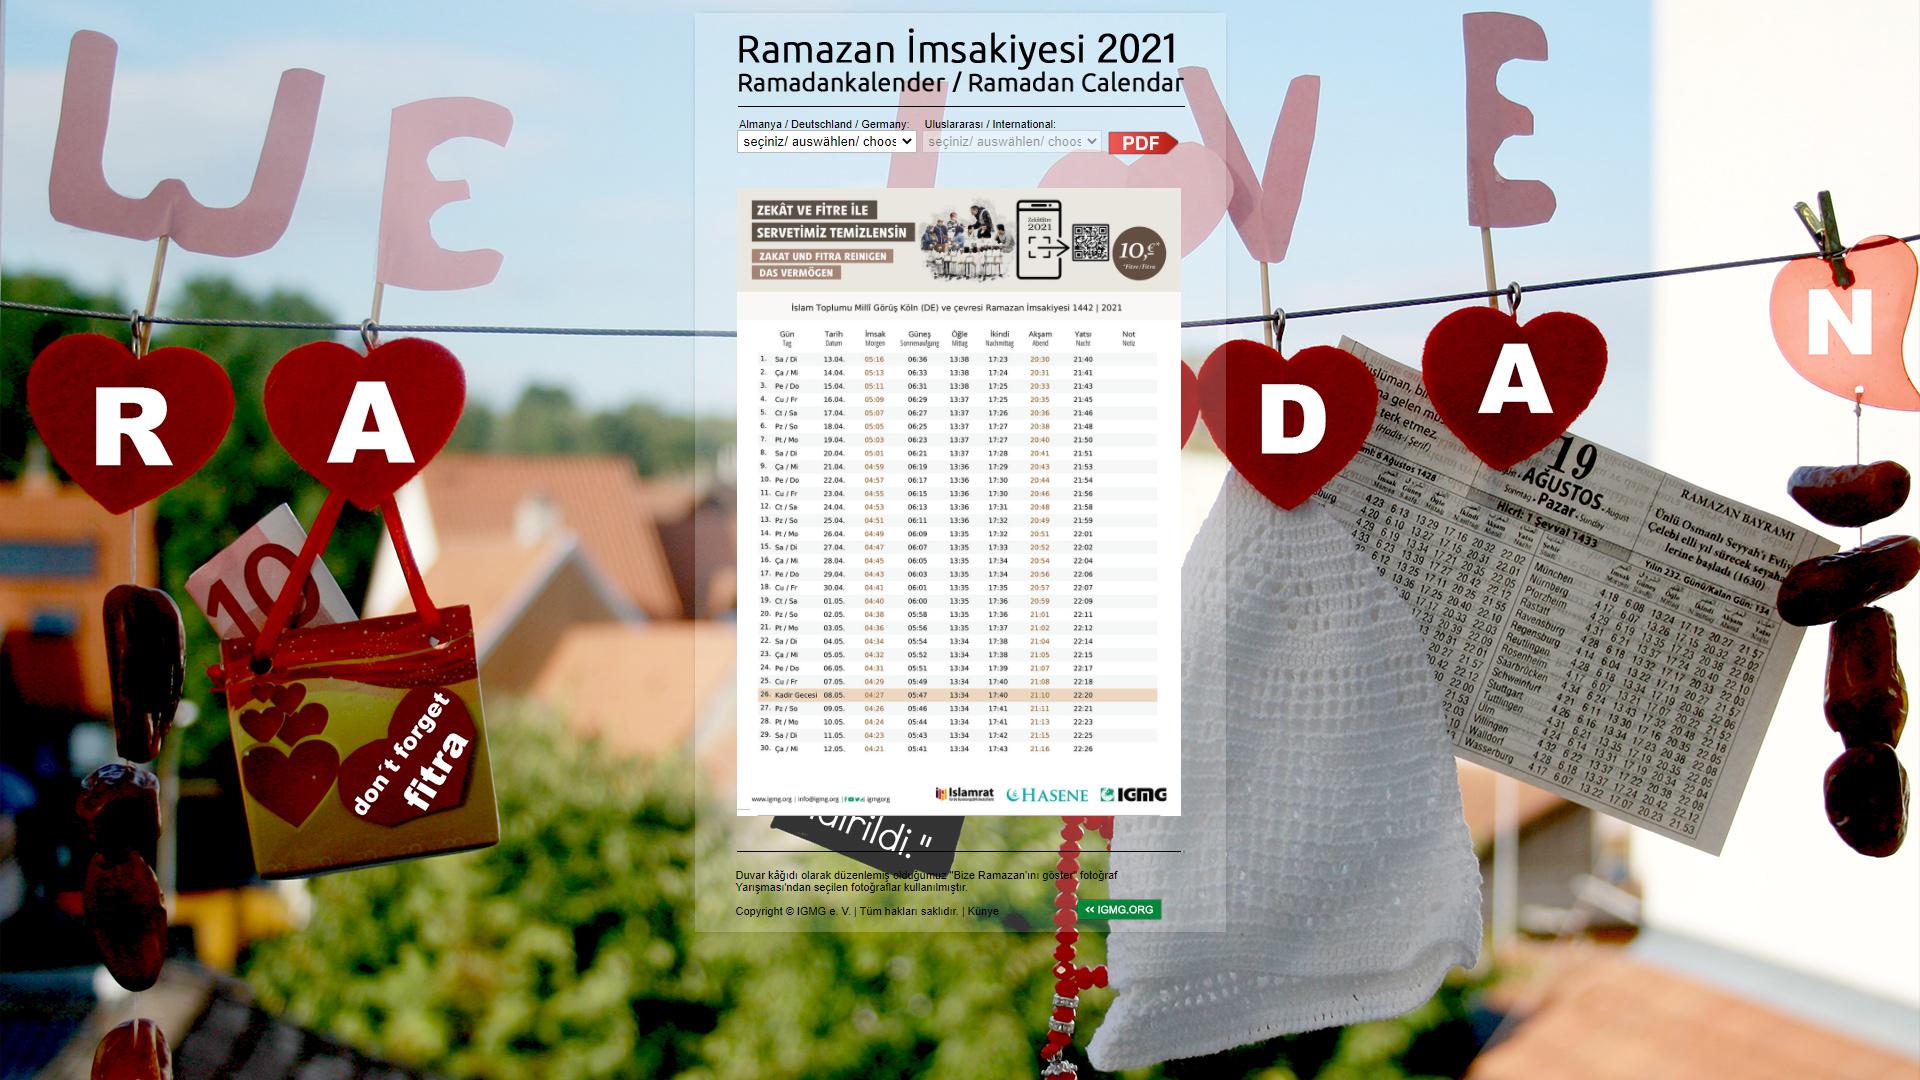 Ein Online-Kalender im Ramadan bietet eine gute Übersicht für geltenden Zeiten.